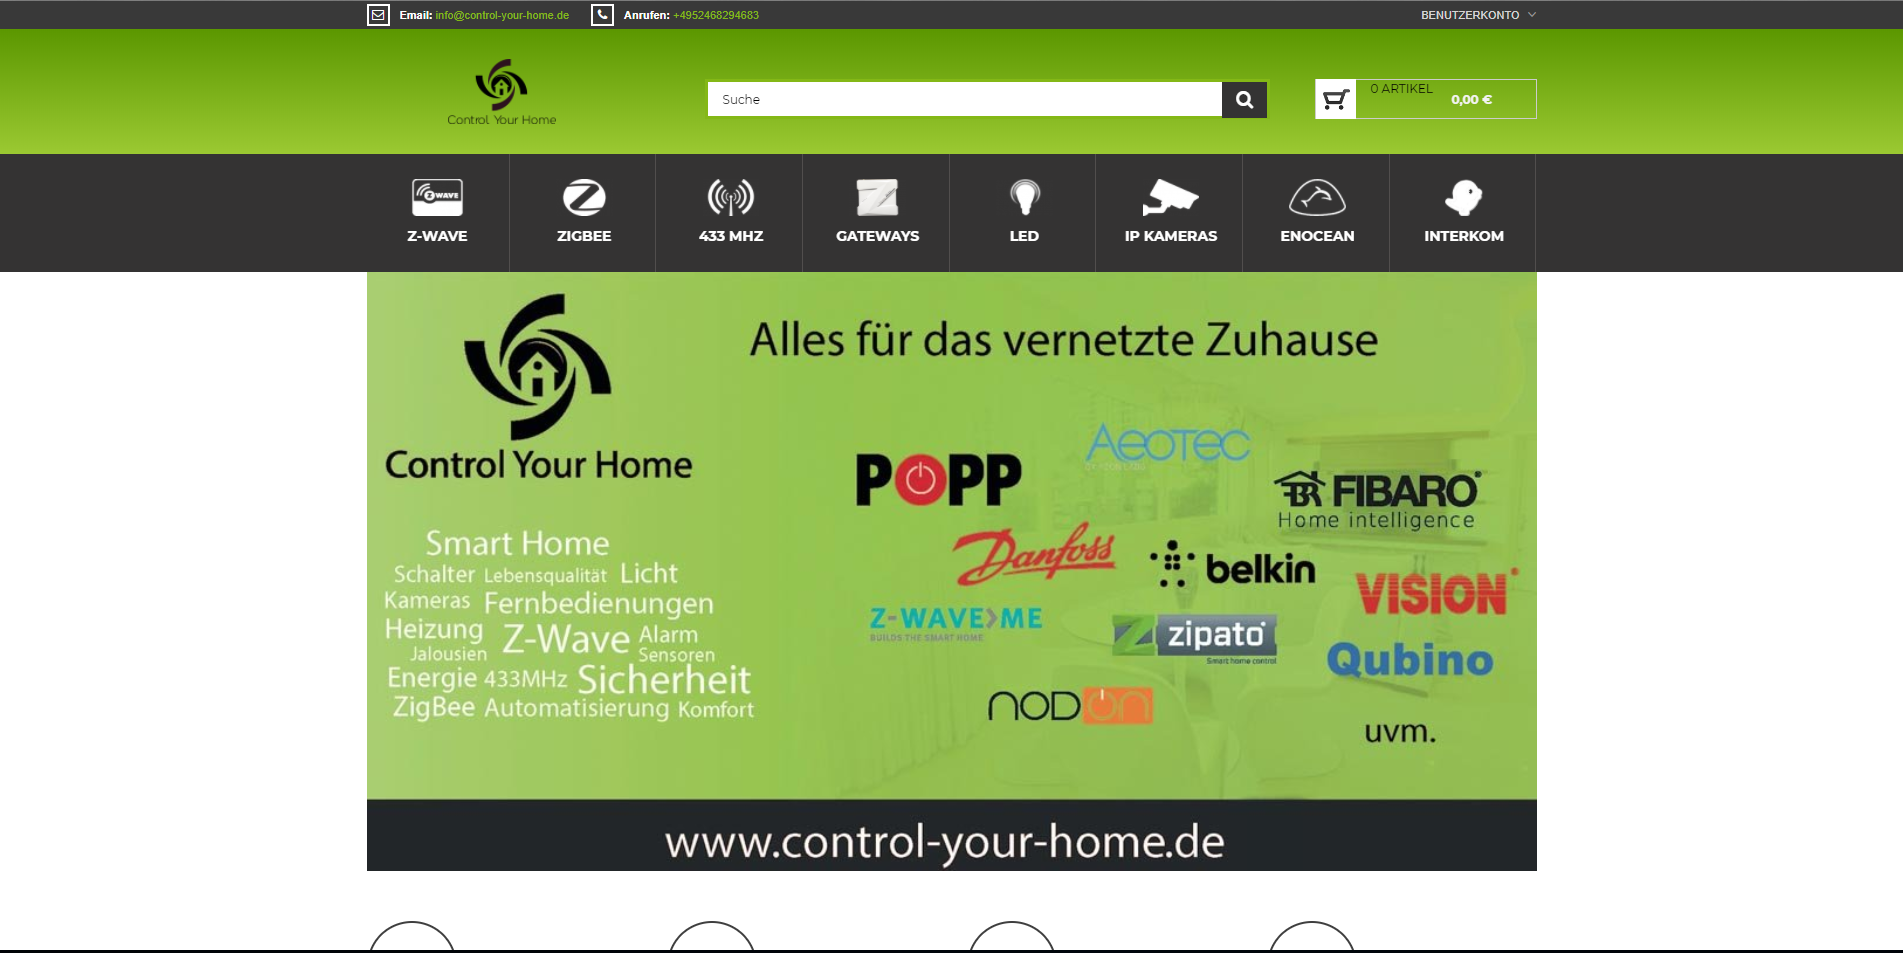 alternativen zu control your home die besten control your home alternativen 2018. Black Bedroom Furniture Sets. Home Design Ideas